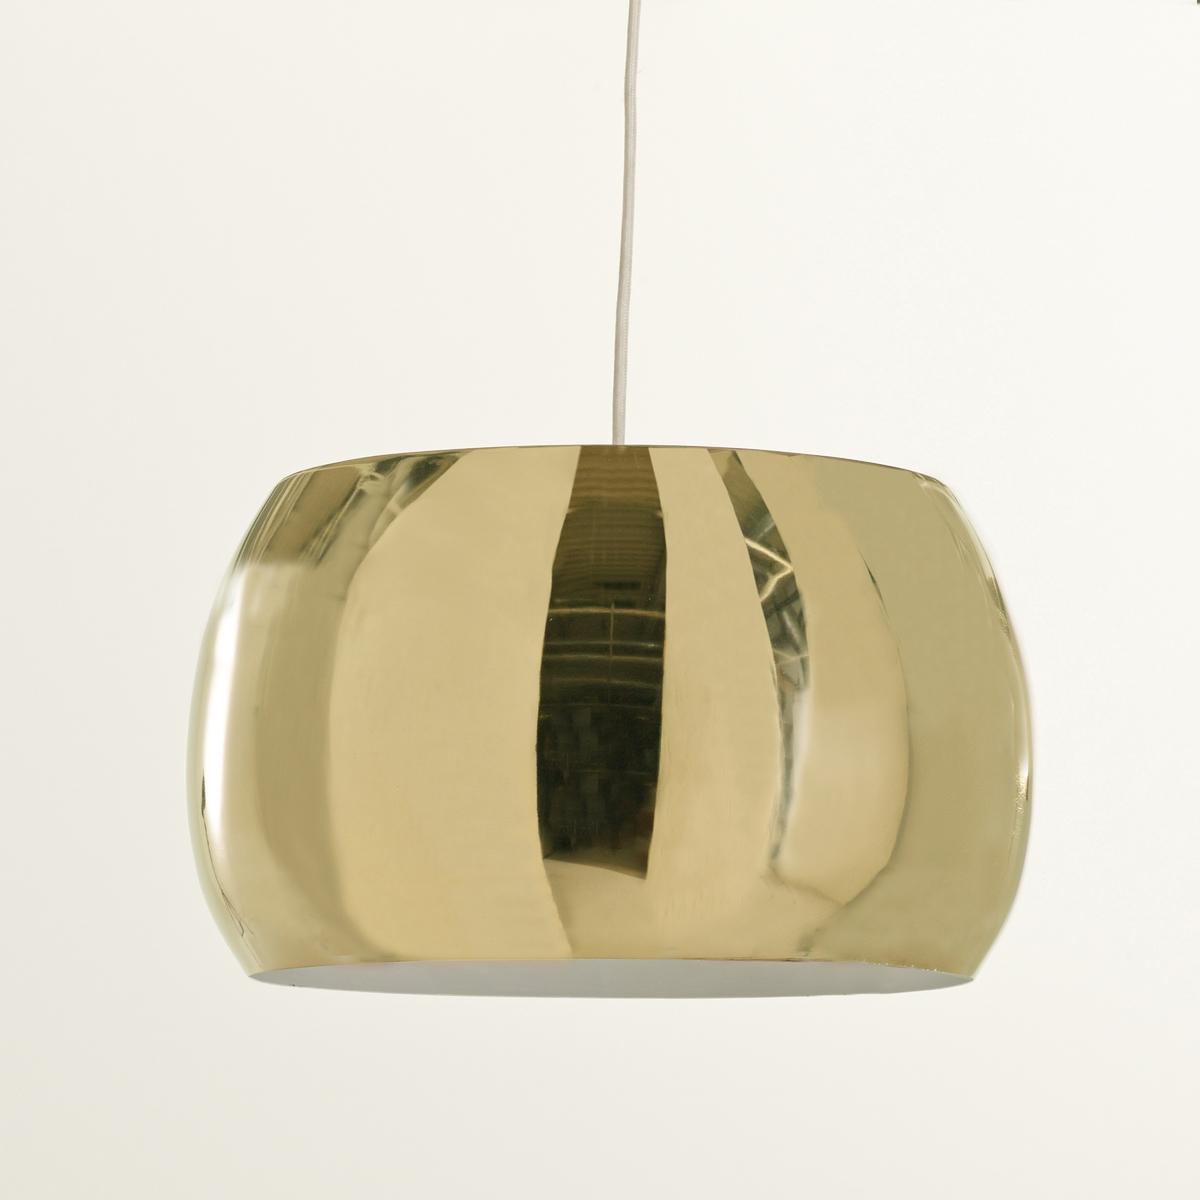 Светильник-шар цвет под латунь, EloriСветильник-шар цвет под латунь Elori. Светильник в форме шара красивой расцветки Elori выполнен в духе 70-х годов.Описание светильника Elori :Патрон E27 для флюокомпактной лампочки 15W (не входит в комплект)  .Этот светильник совместим с лампочками    энергетического класса   : A.Характеристики светильника Elori :Светильник из металла под латунь, электрический кабель обтянут черной тканью.Потолочная чаша из меди.Размеры светильника Elori :Общие размерыДиаметр : 35 смВысота : 21 смРазмеры и вес коробки :1 упаковка39 x 39 x 25 см 2,2 кг<br><br>Цвет: латунь